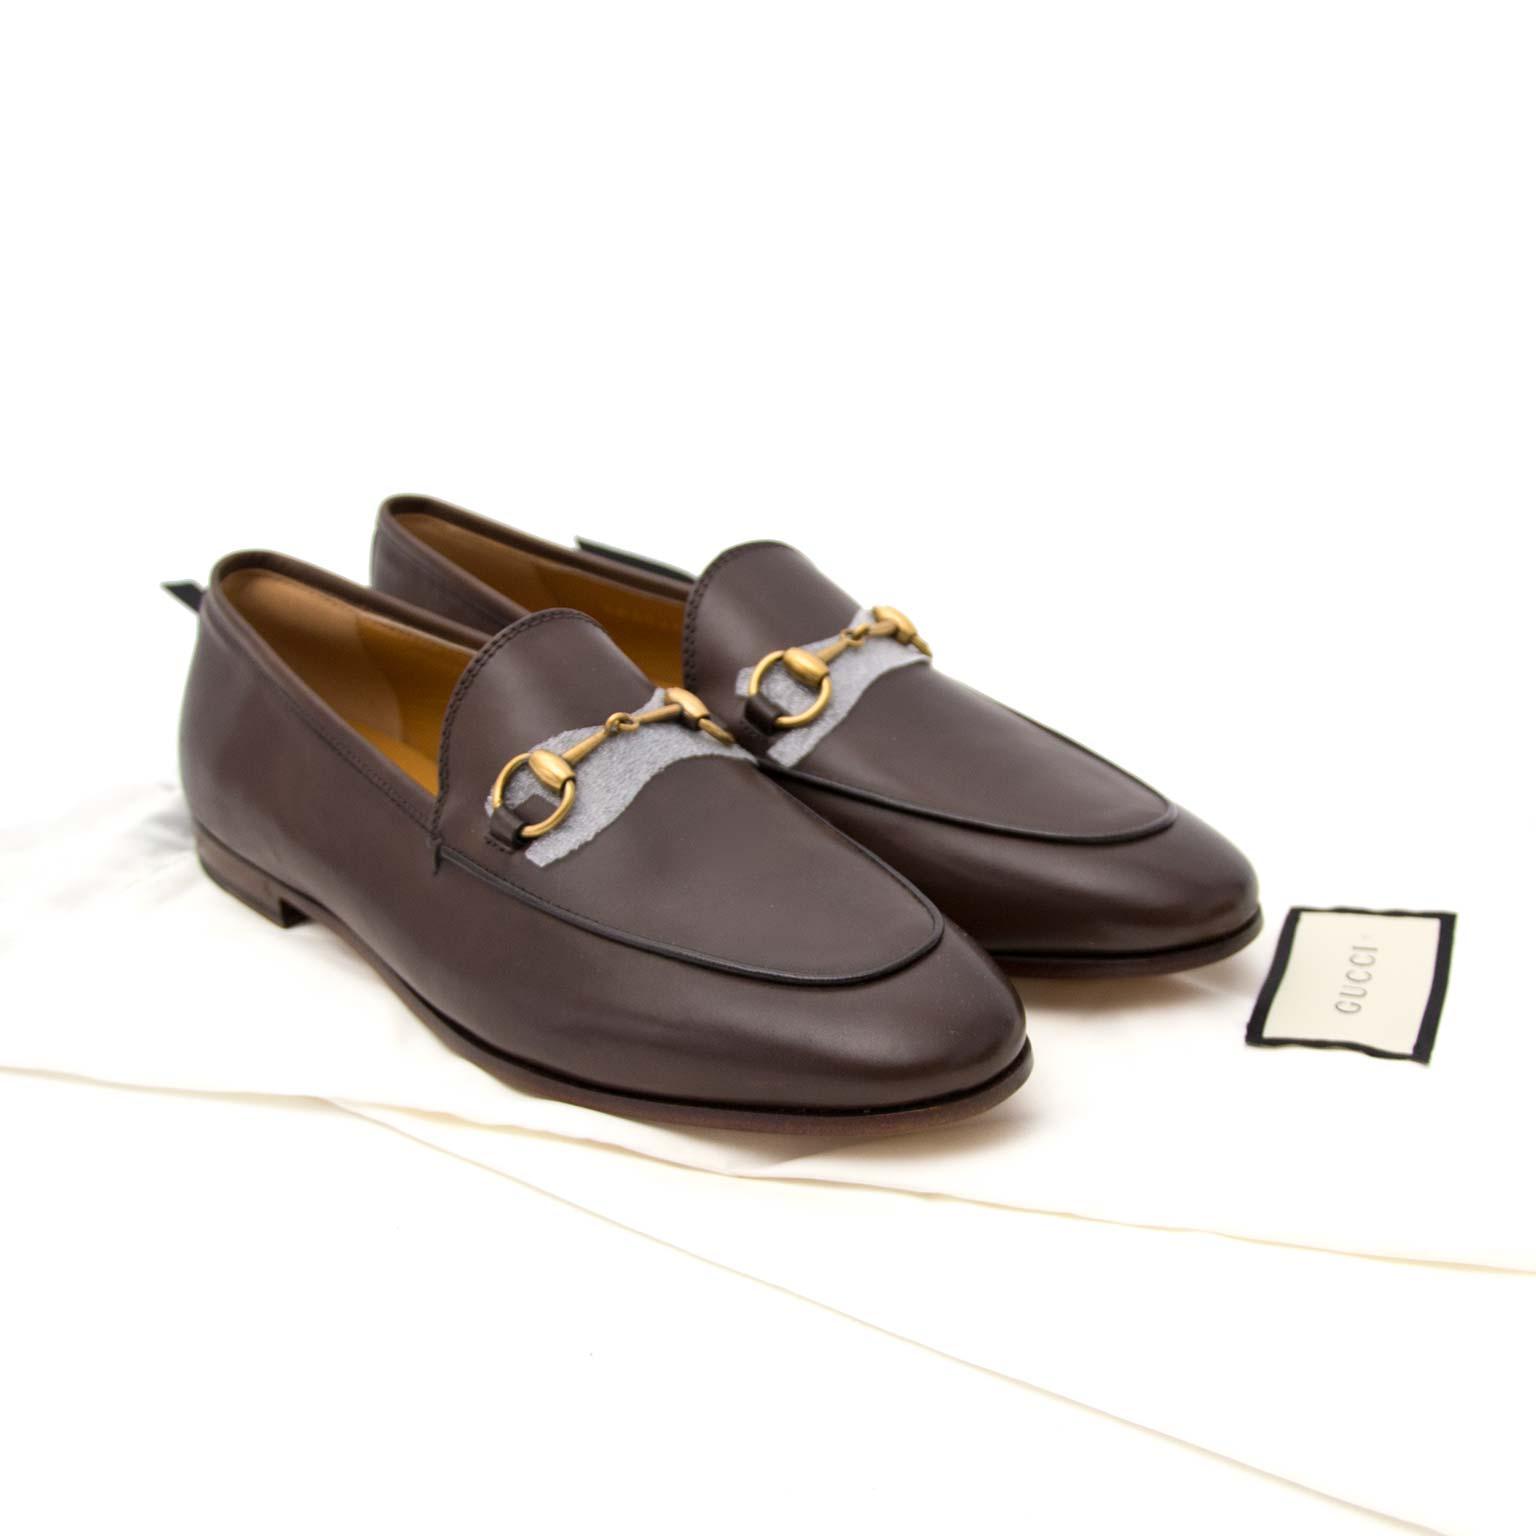 5a7390bcb ... 100% authentieke designer schoenen van het merk Gucci te koop bij  Labellov in Antwerpen